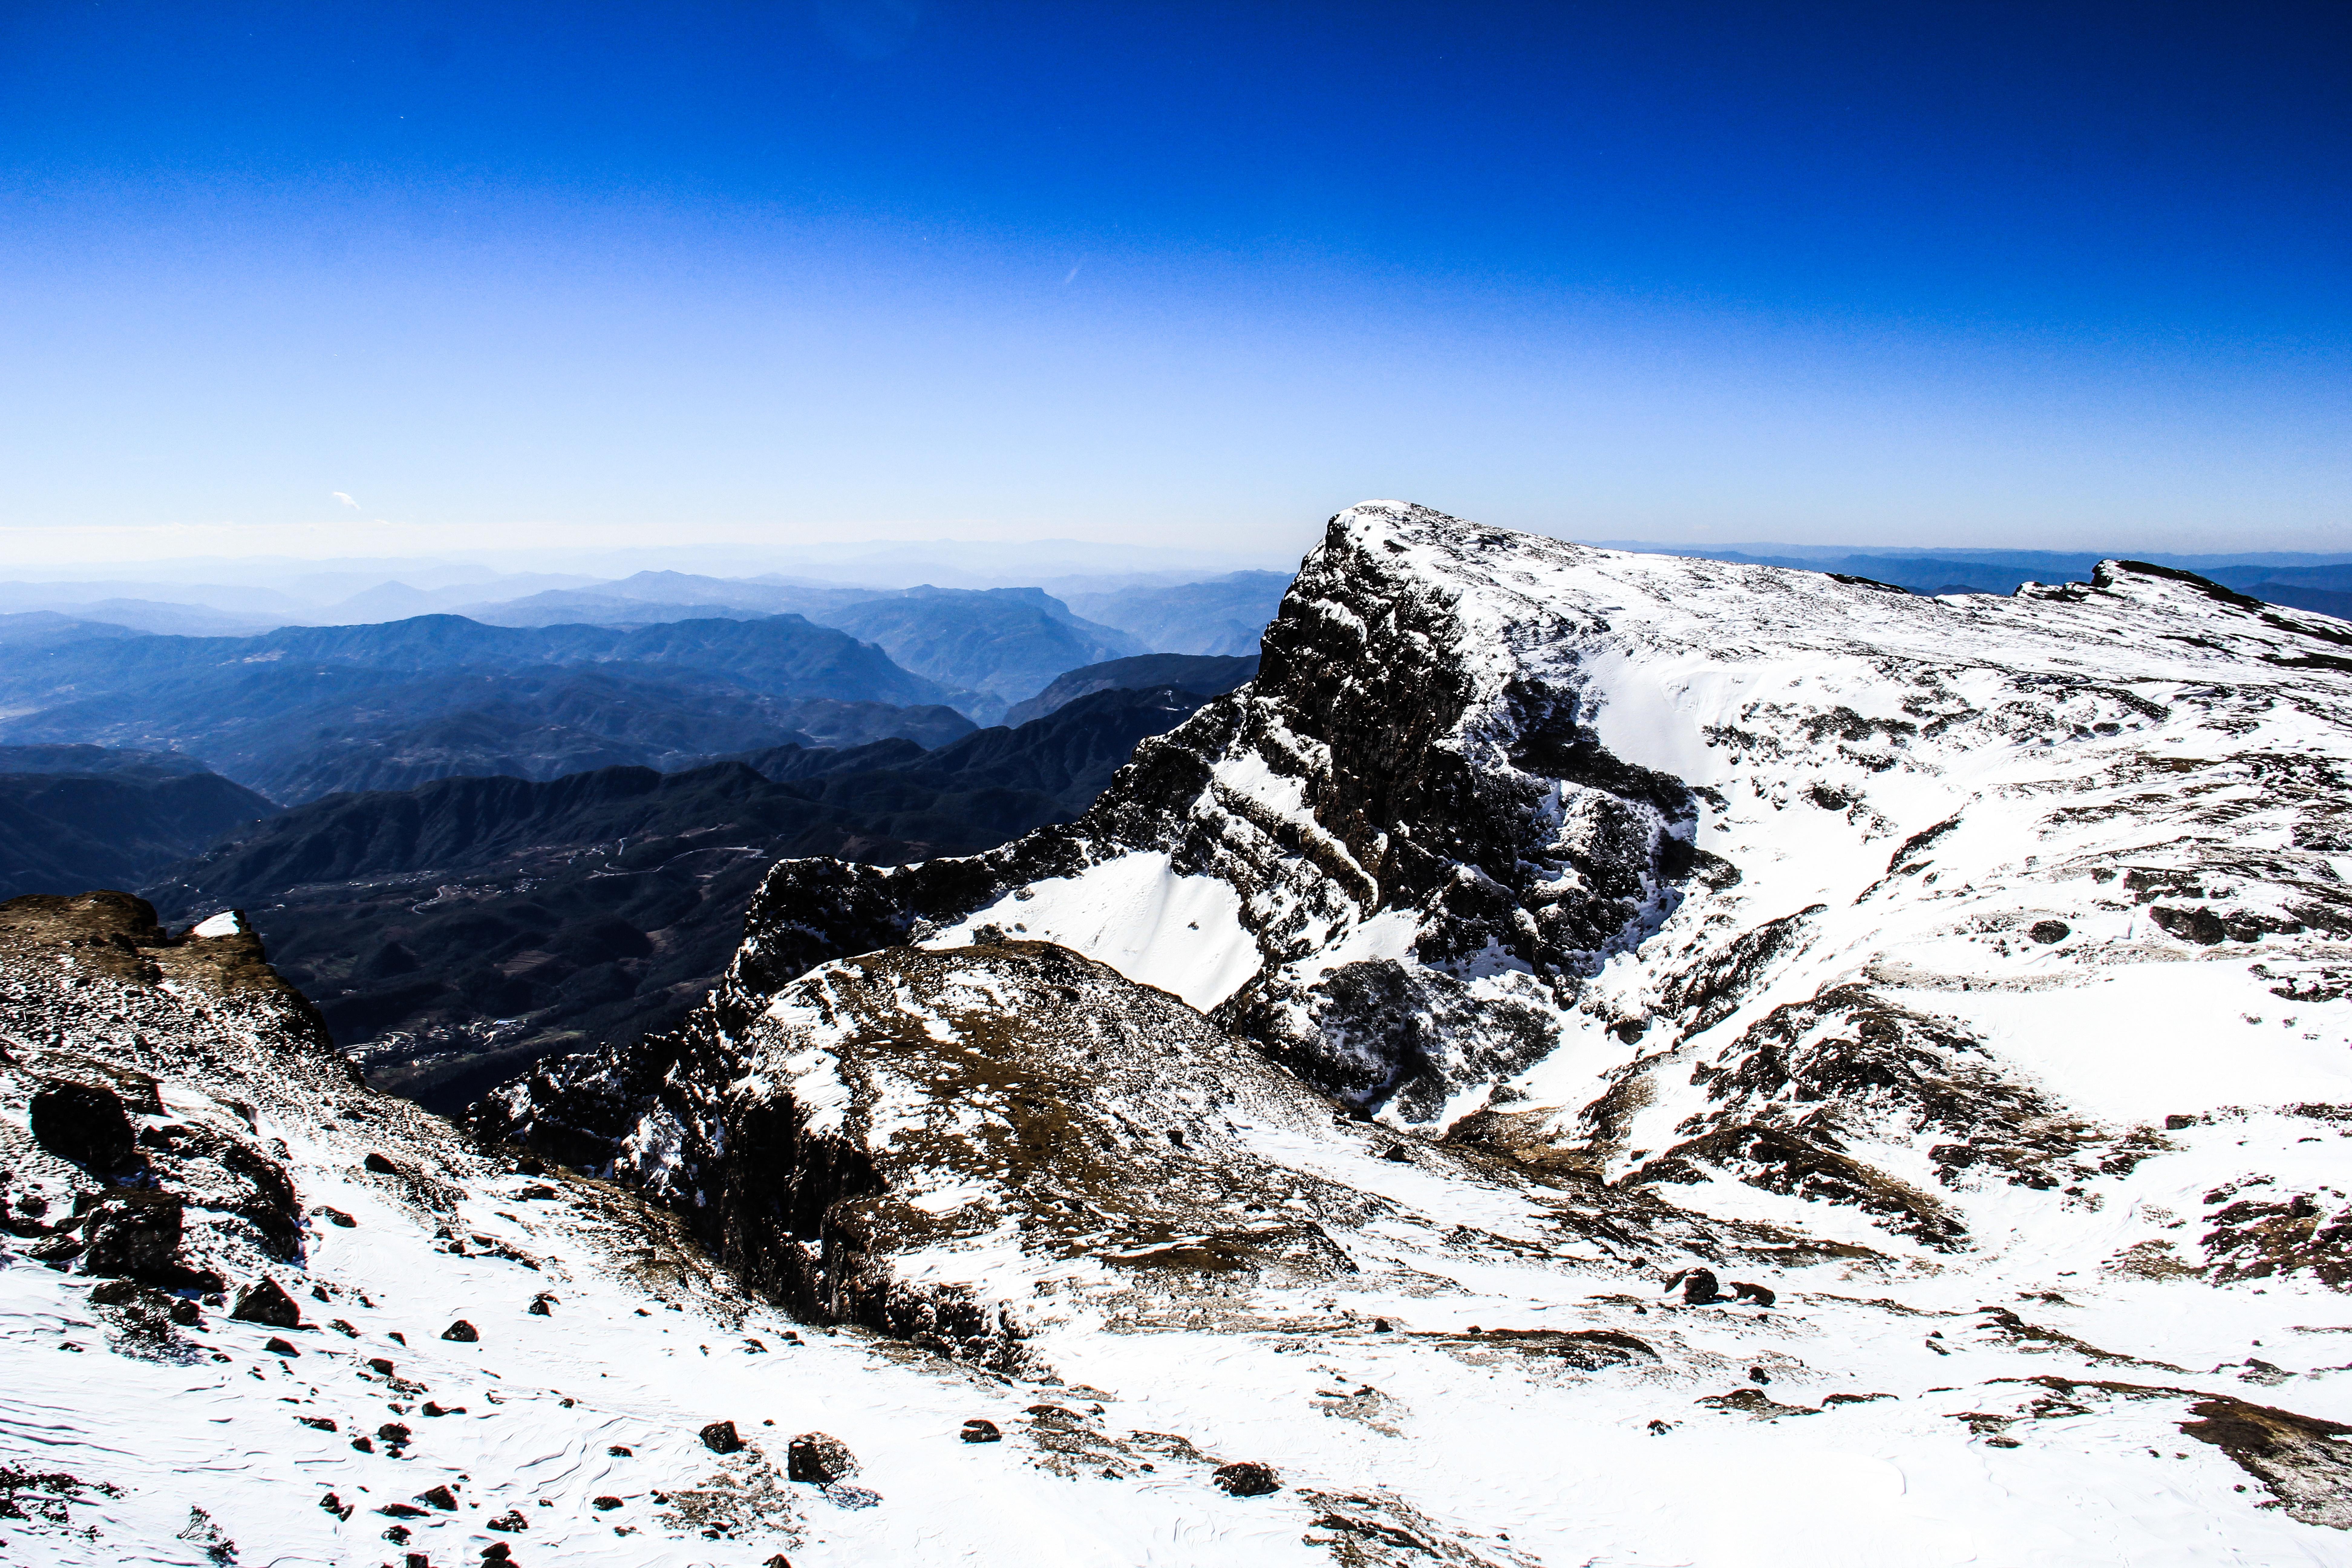 ปีใหม่-ทัวร์จีน-WONDERFUL-CHINA-คุนหมิง-ภูเขาหิมะเจี้ยวจื่อ-4วัน-3คืน-(SEP18-MAR19)-(8L)